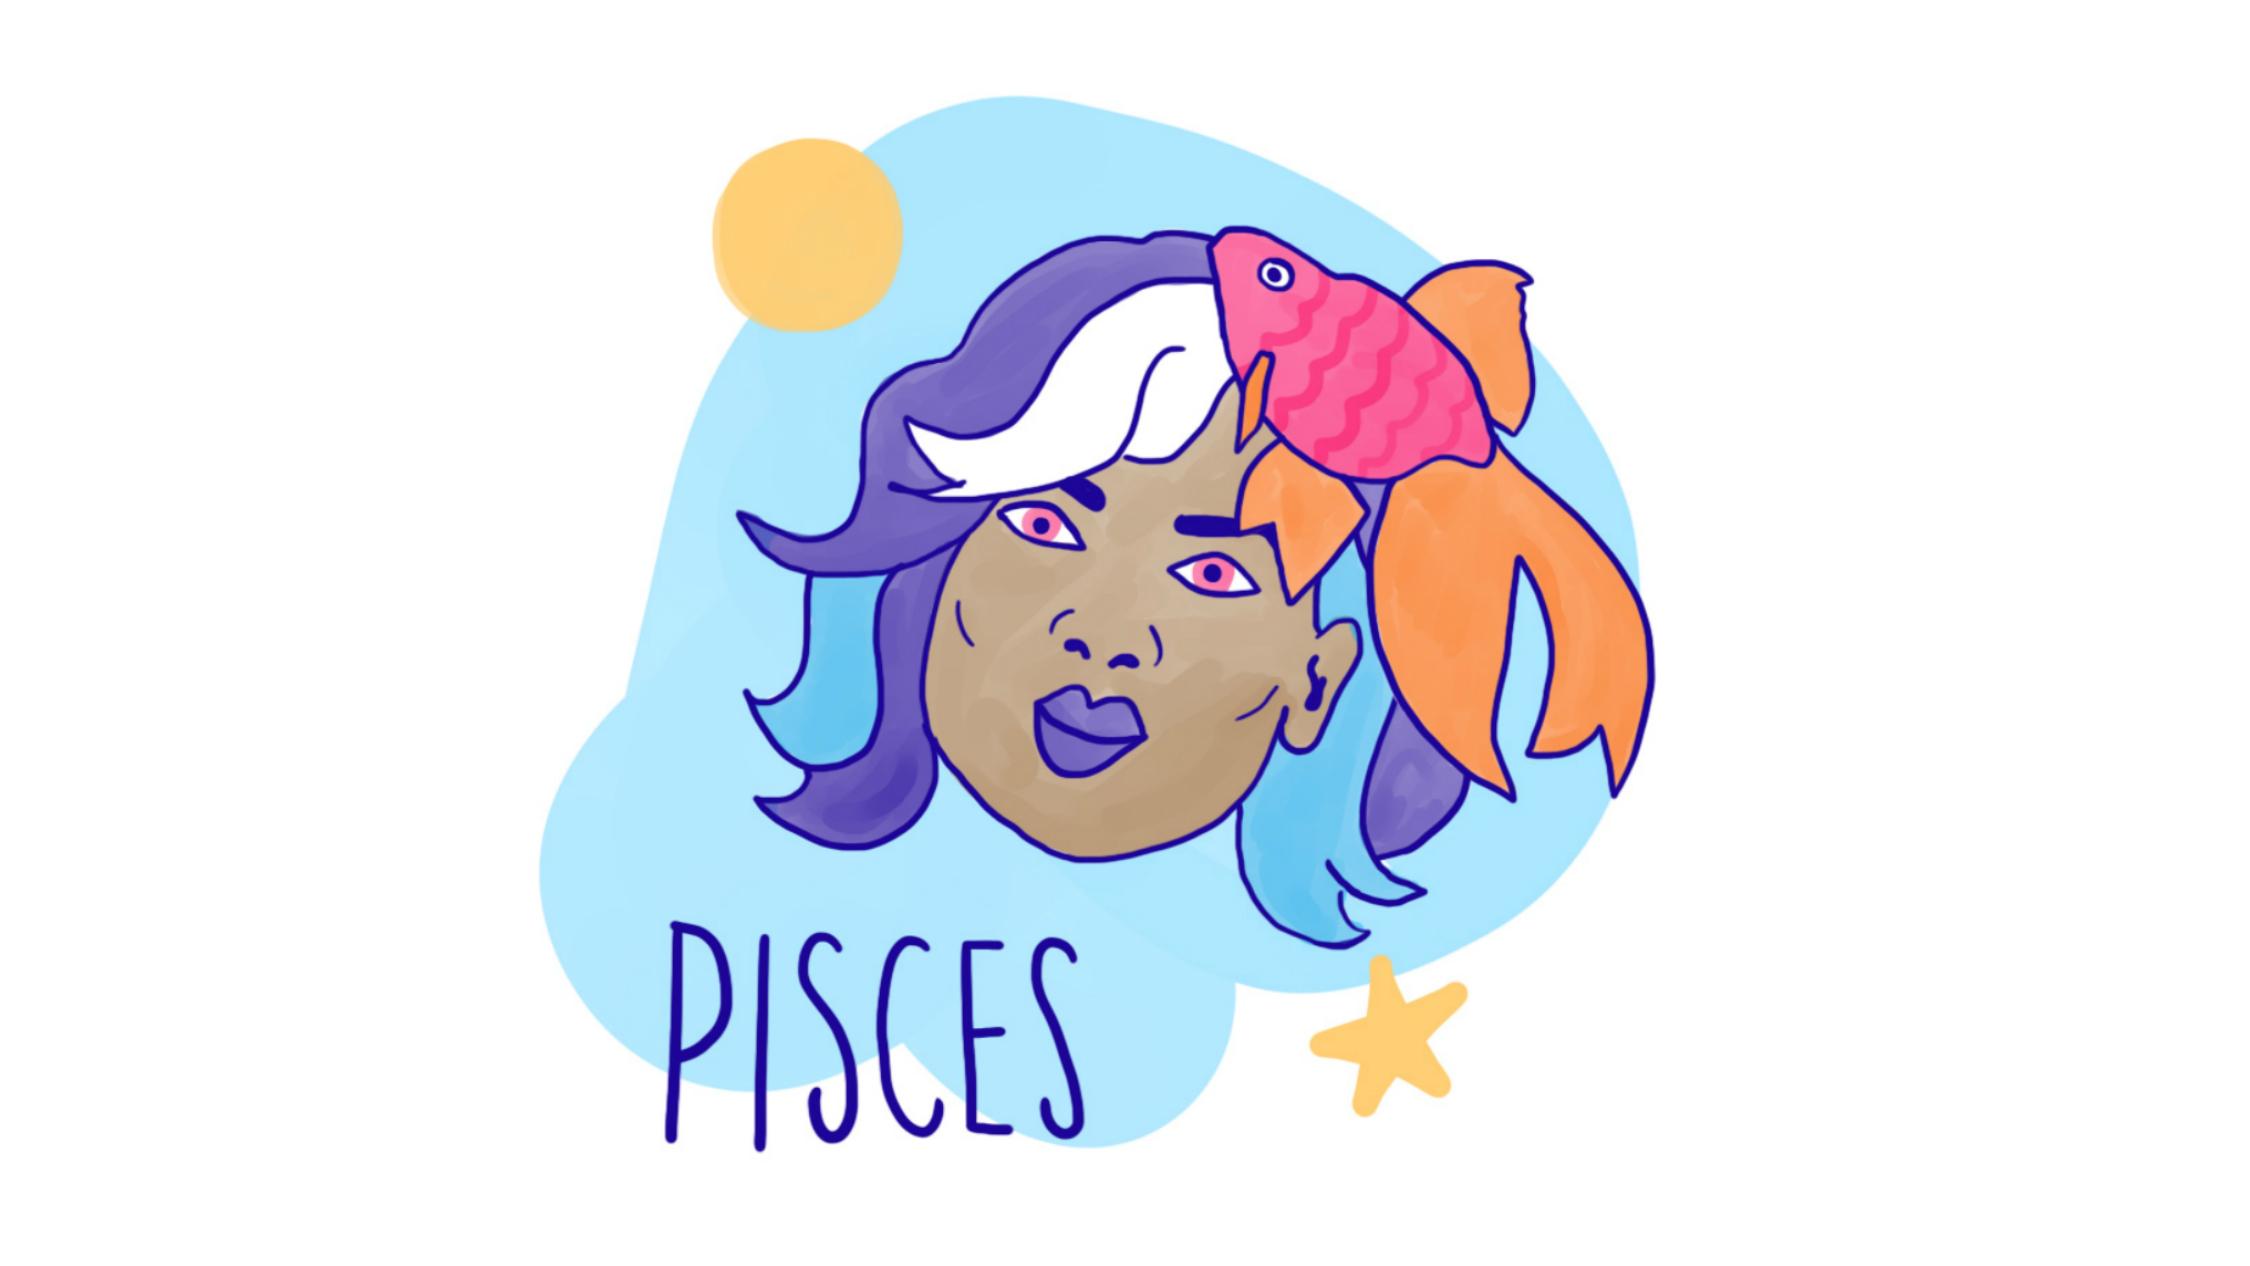 Pisces astrological illustration